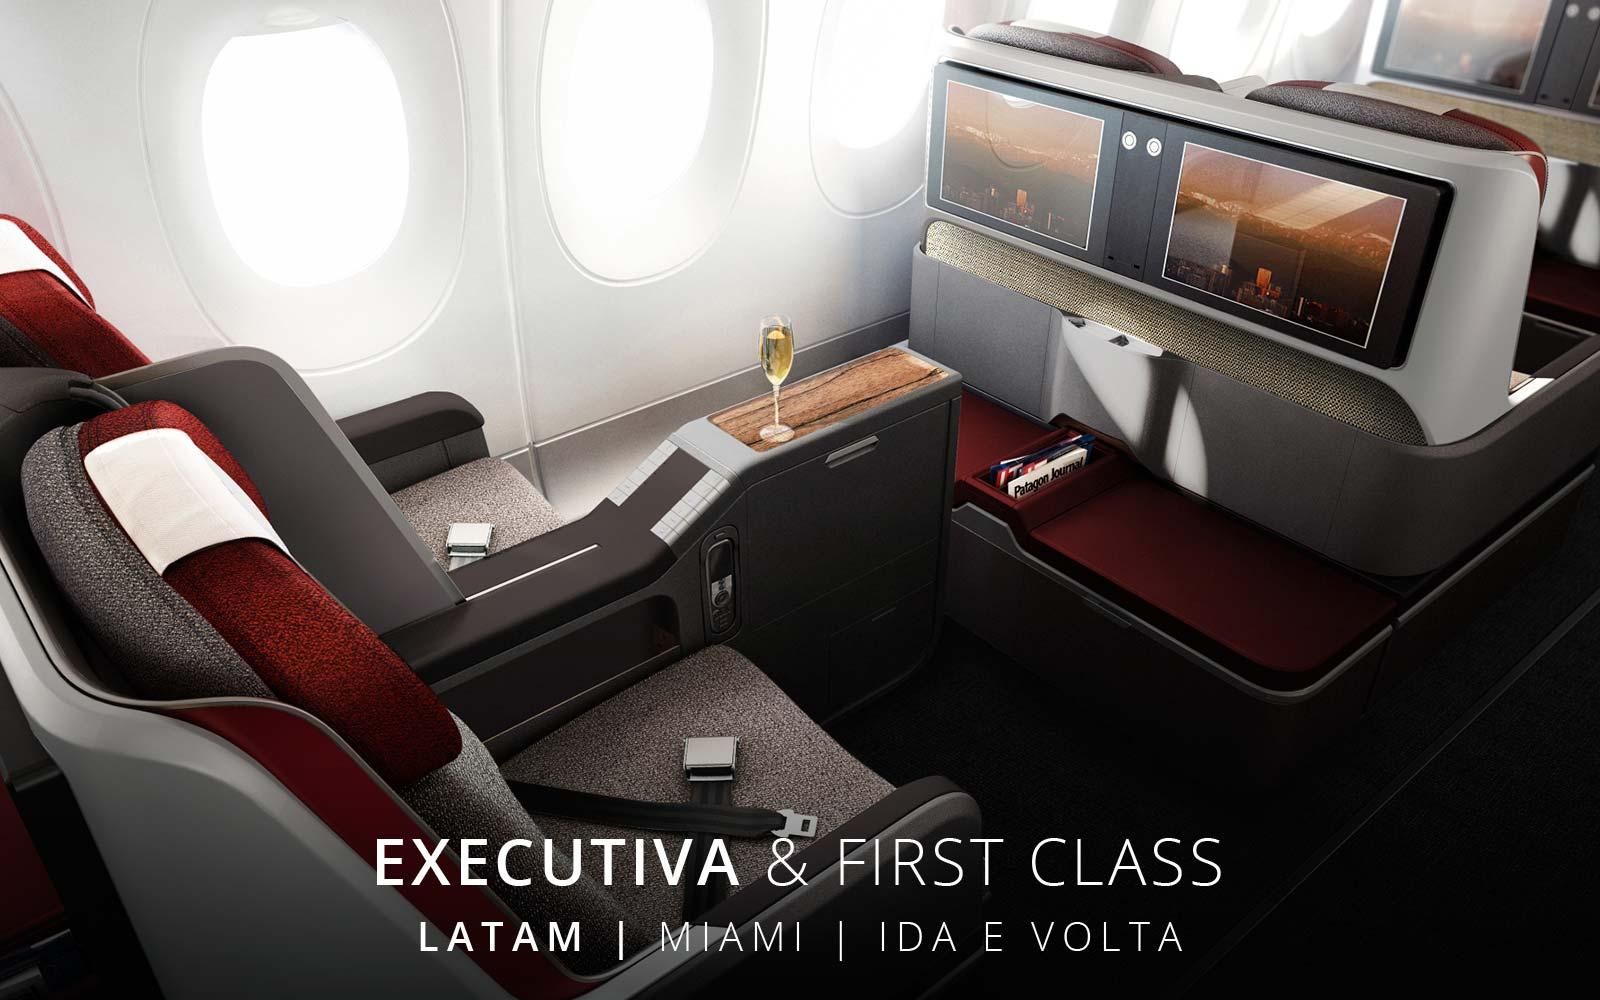 passagens-aereas-executiva-baratas-miami-eua-latam-voe-simples-passages-aereas-promocionais-executivas-eua-passagem-promo-executiva-miami